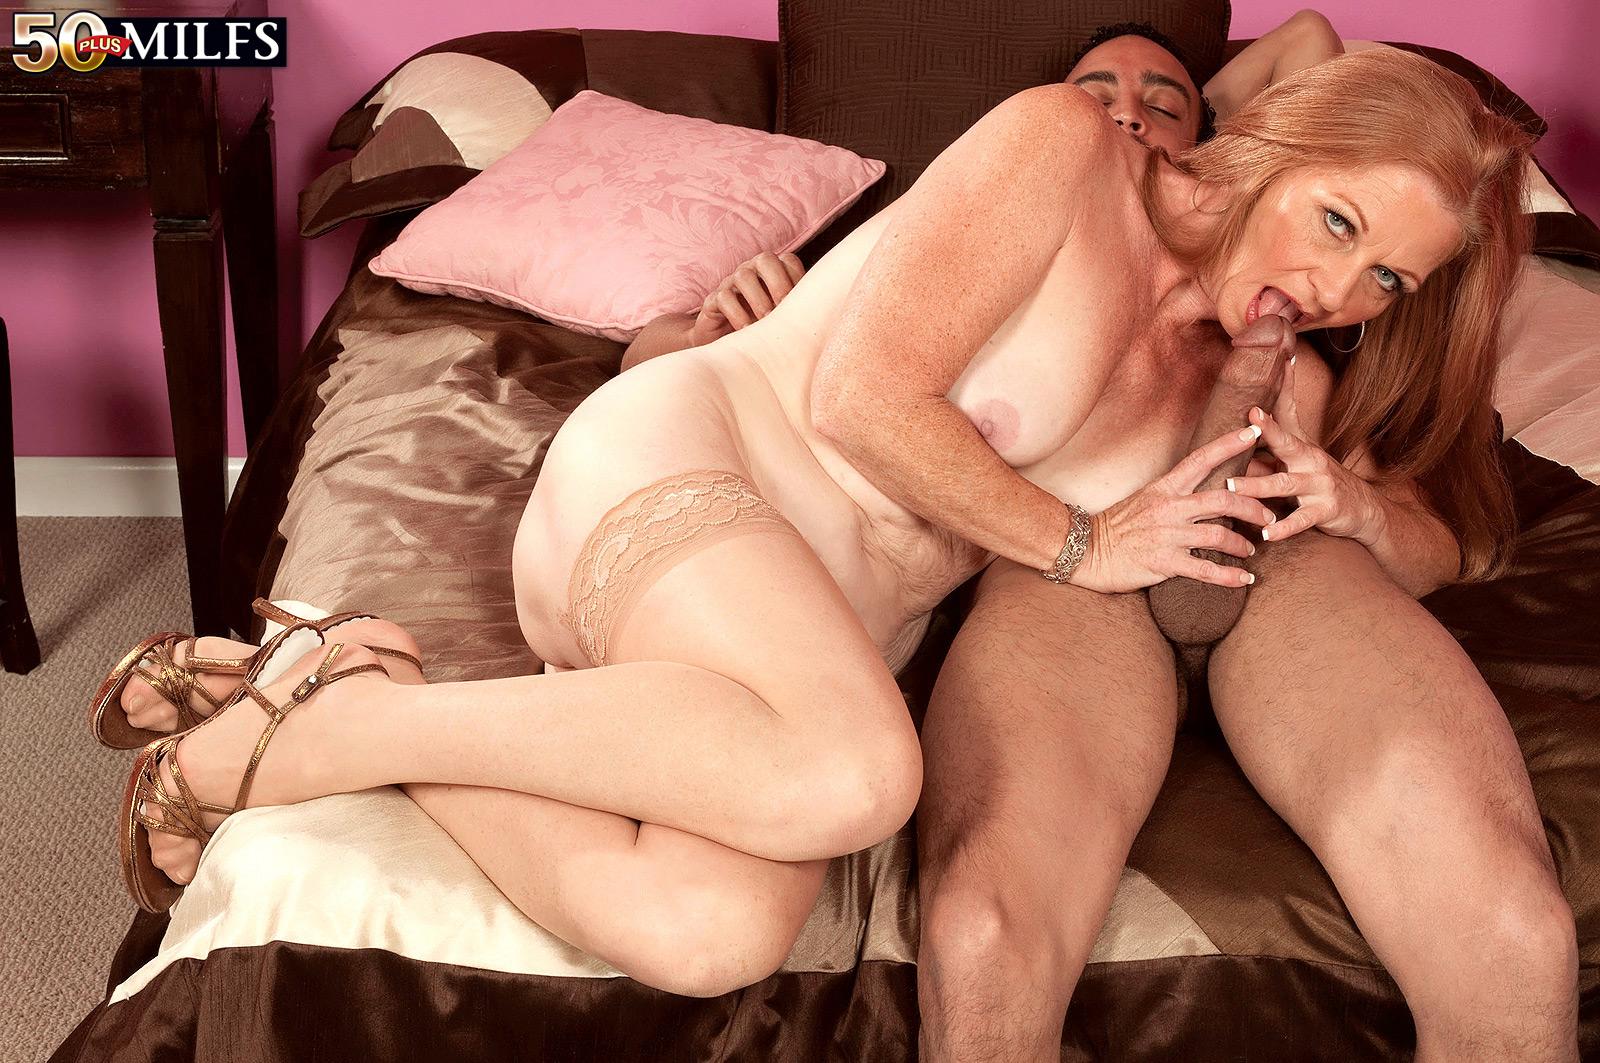 Секс с женщиной 50 лет